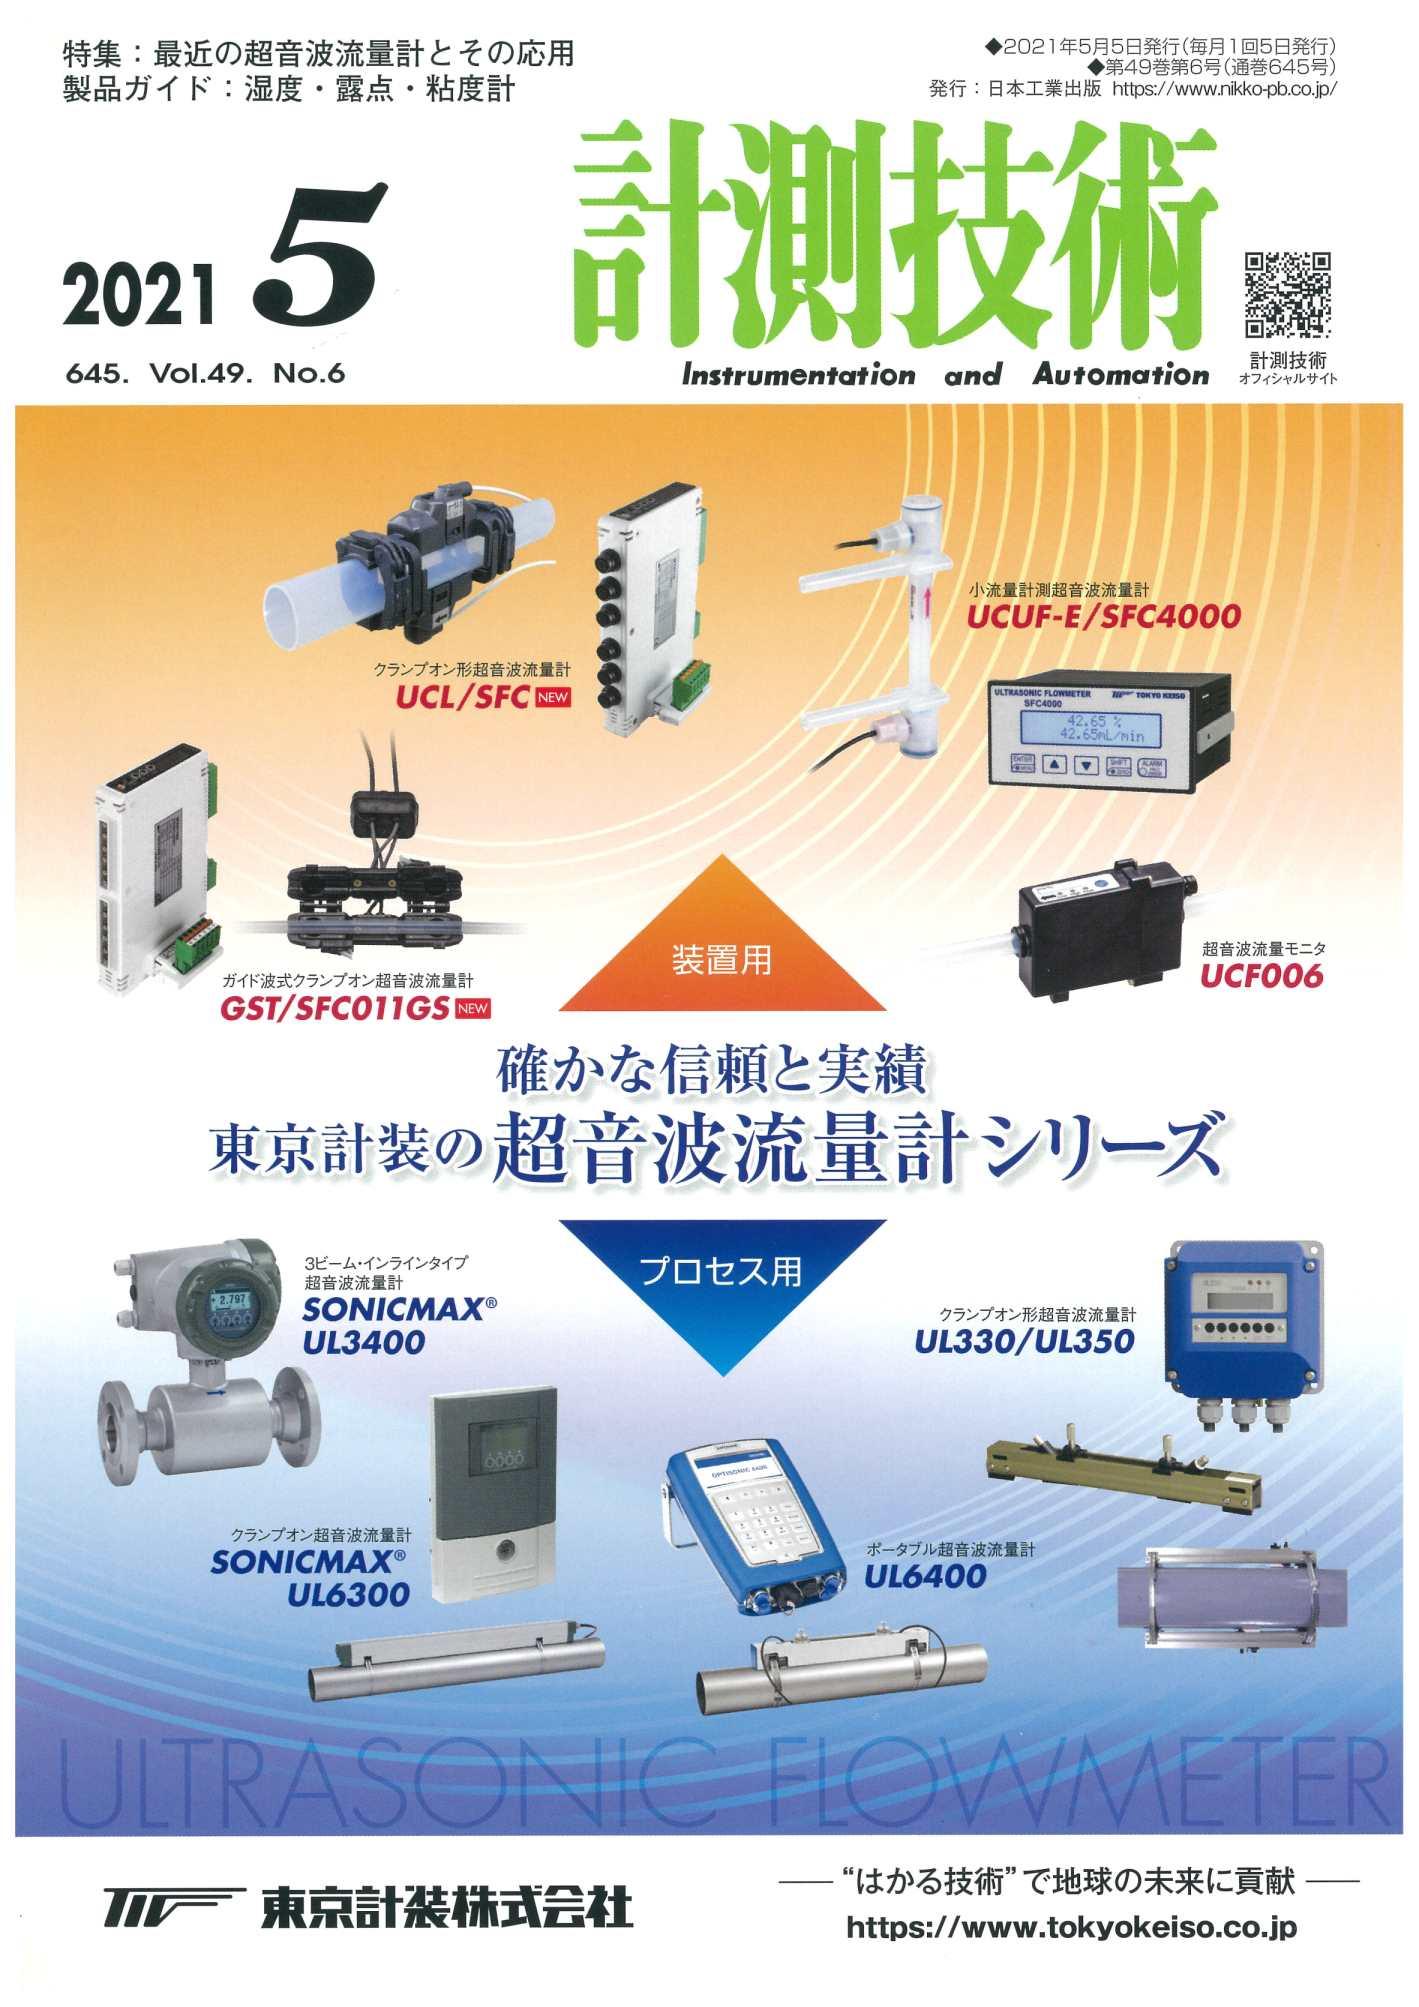 計測技術 2021年5月号に超音波せき式流量計(Model:ULM-501)の記事を寄稿しました。